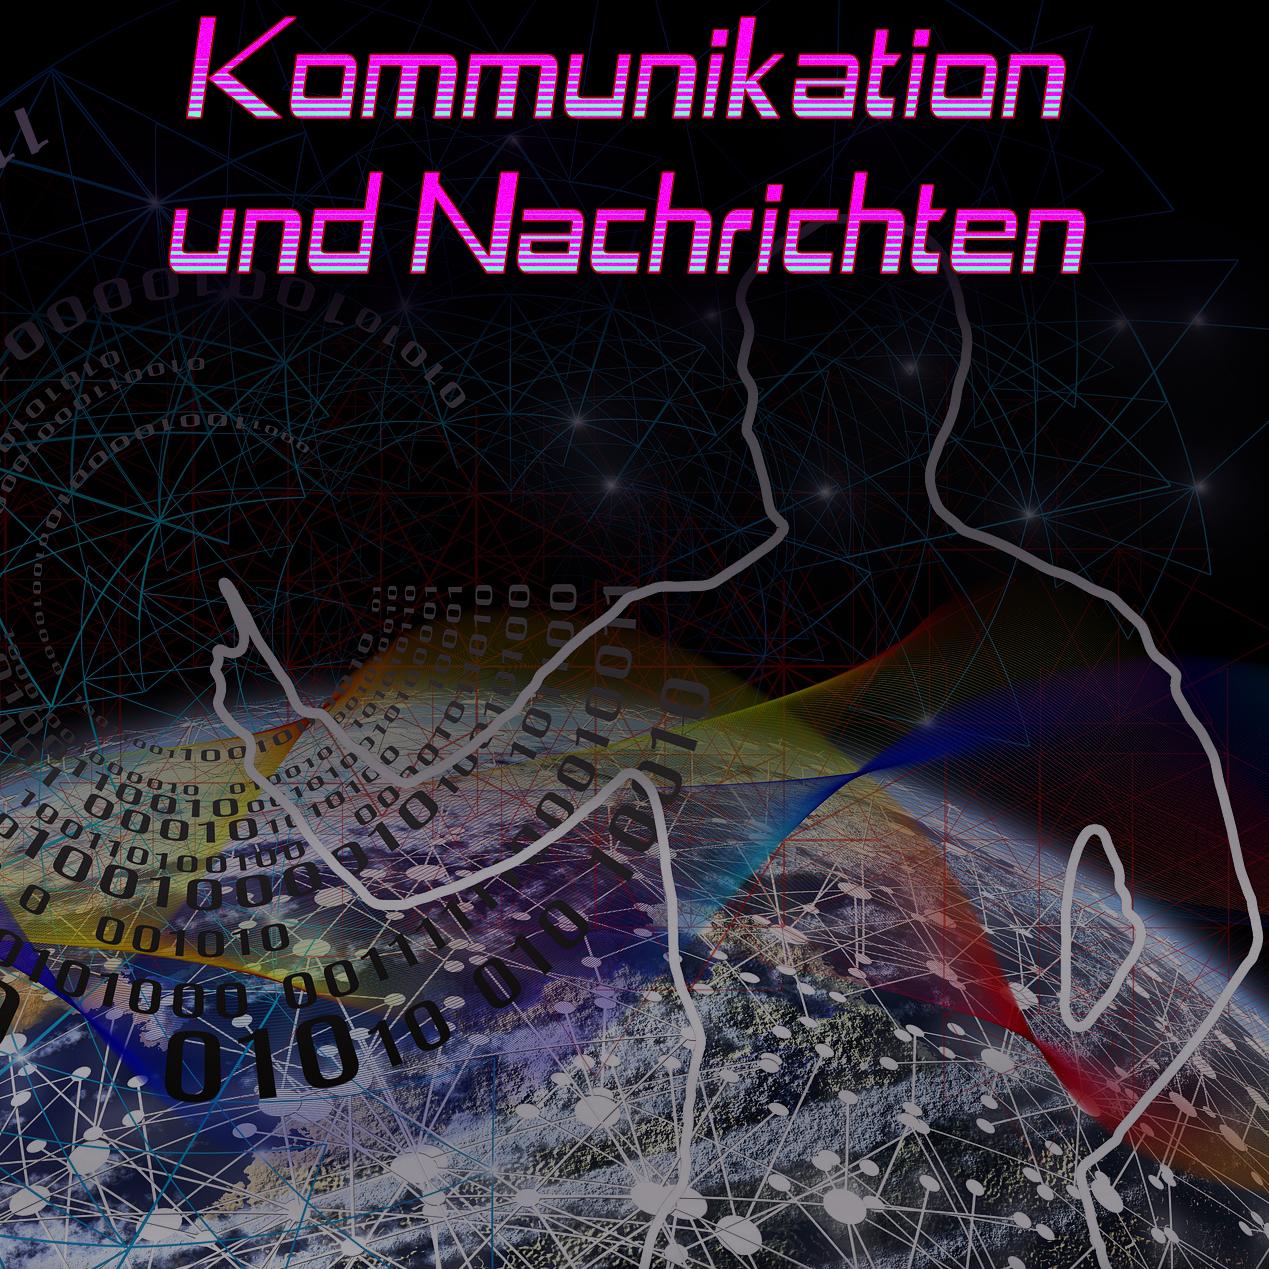 Kommunikation und Nachrichten